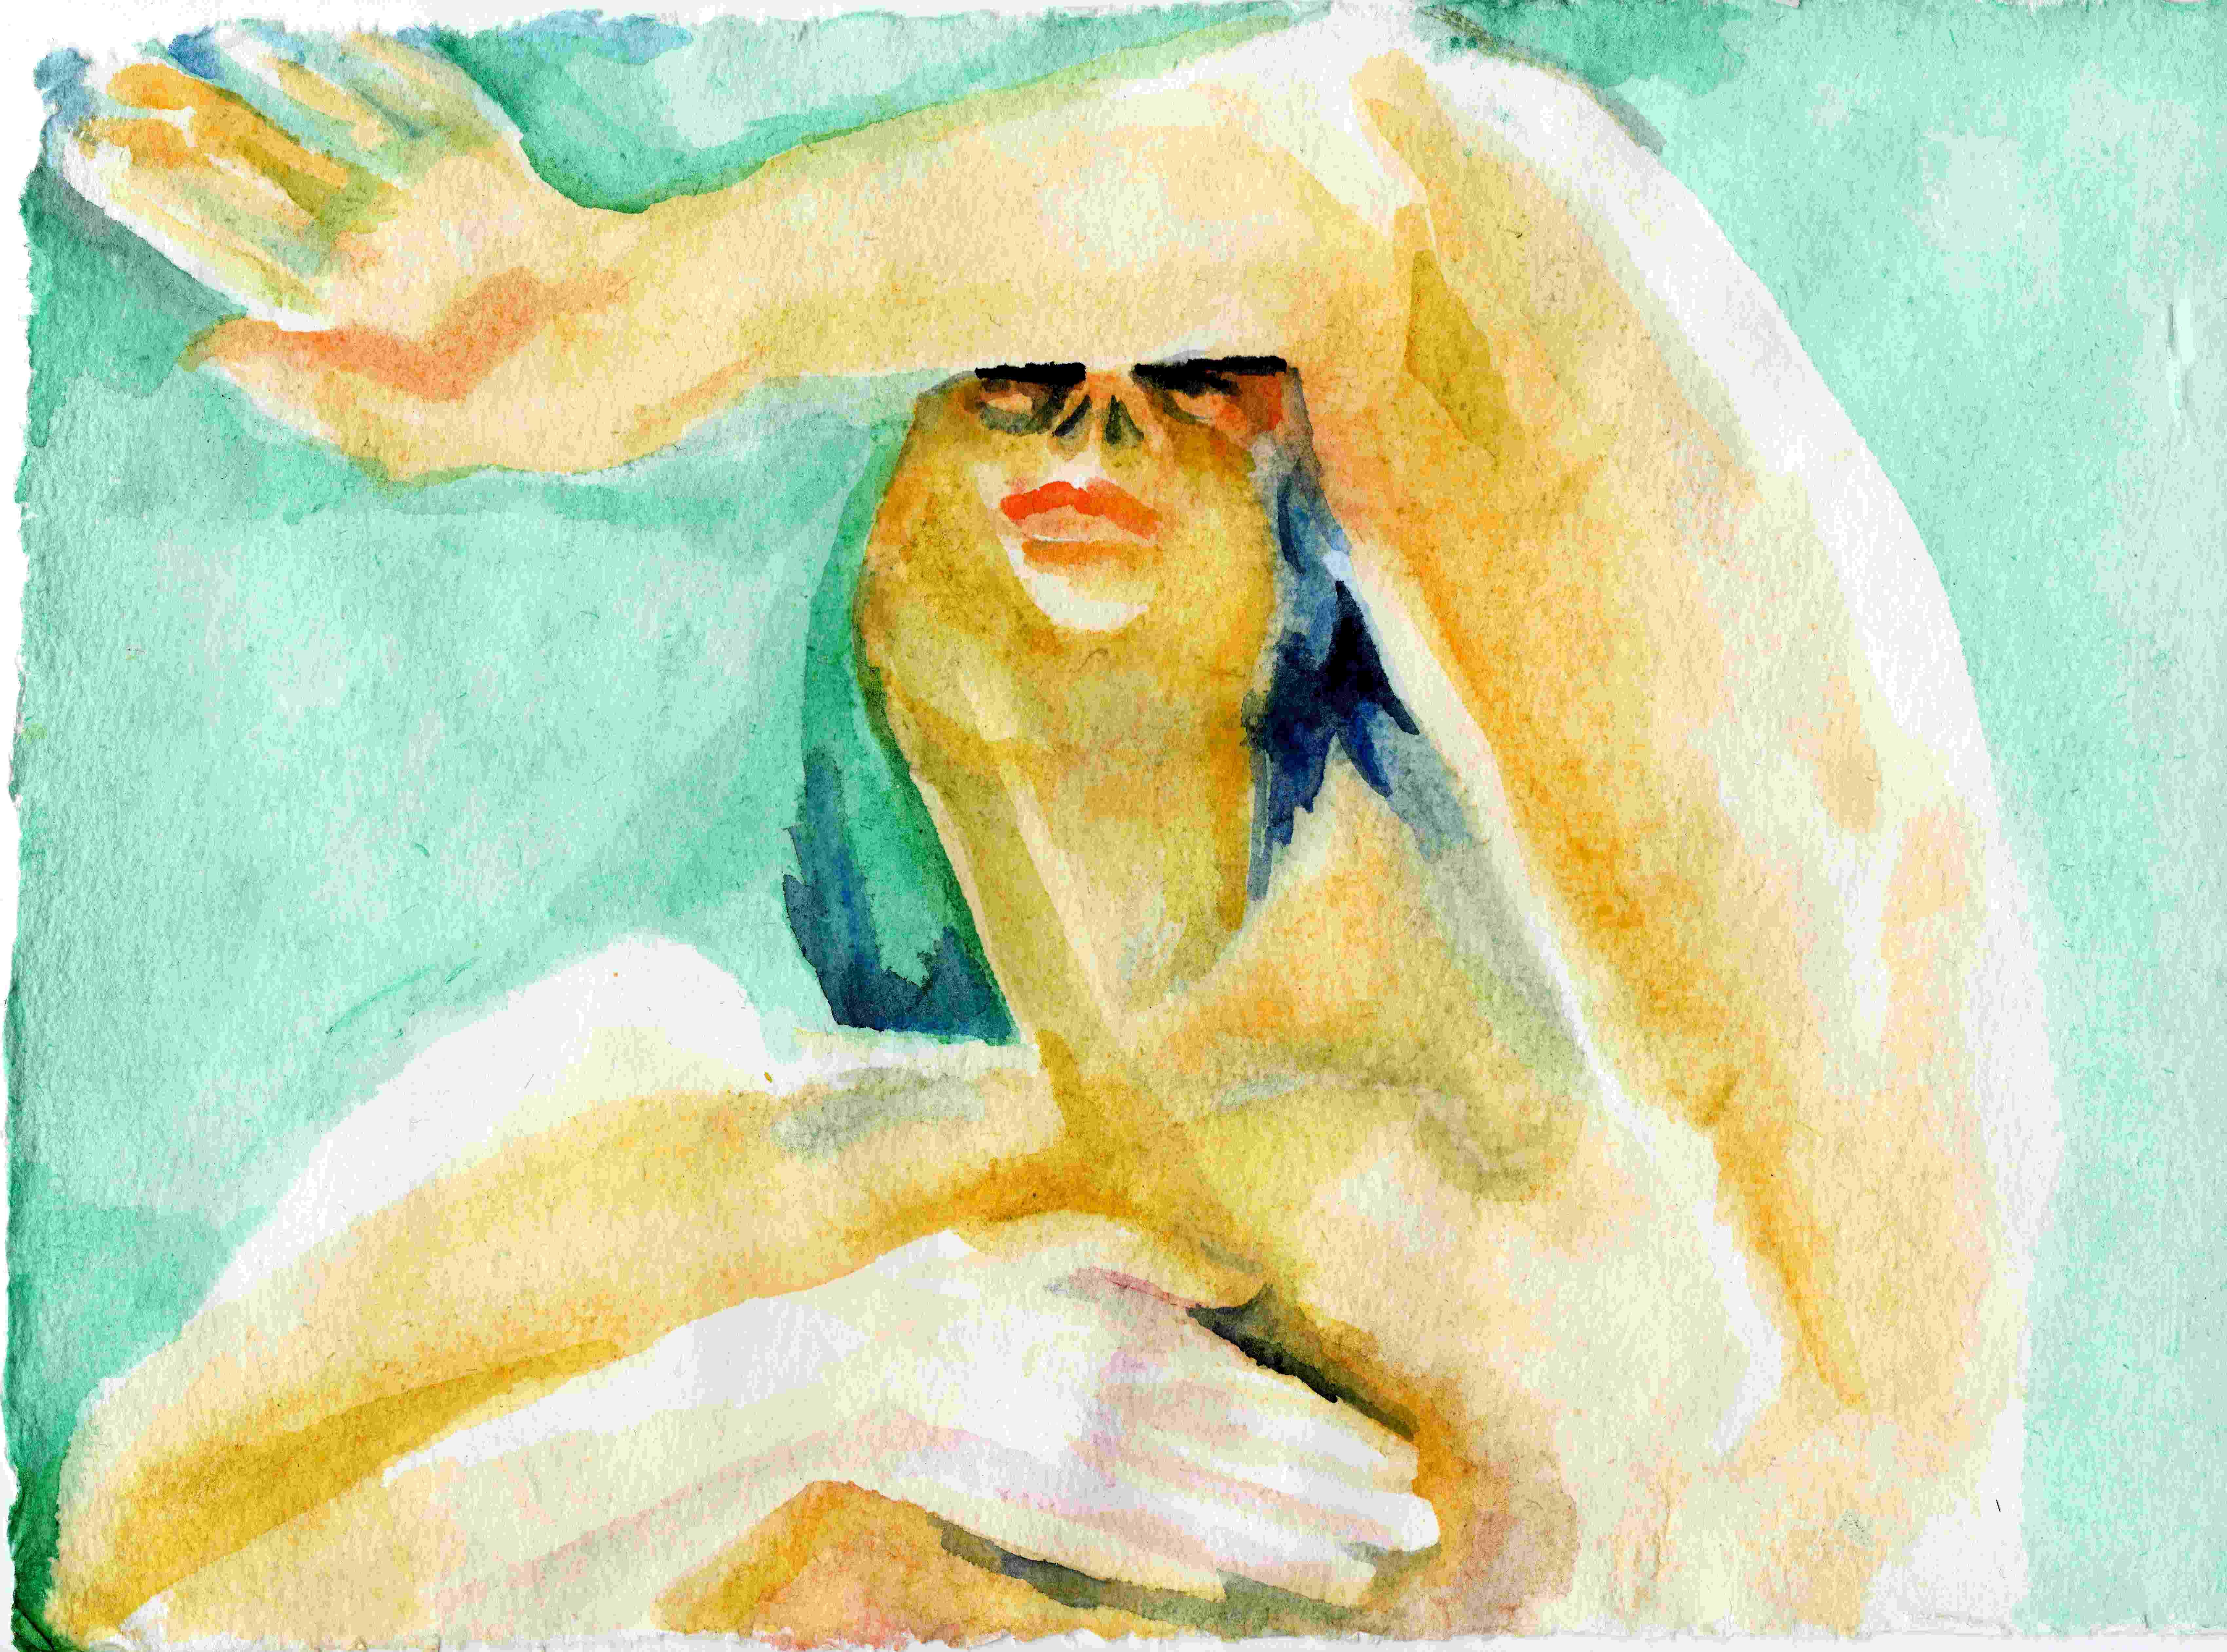 """""""komm her, geh weg"""", 2014, Auqarell auf Papier"""